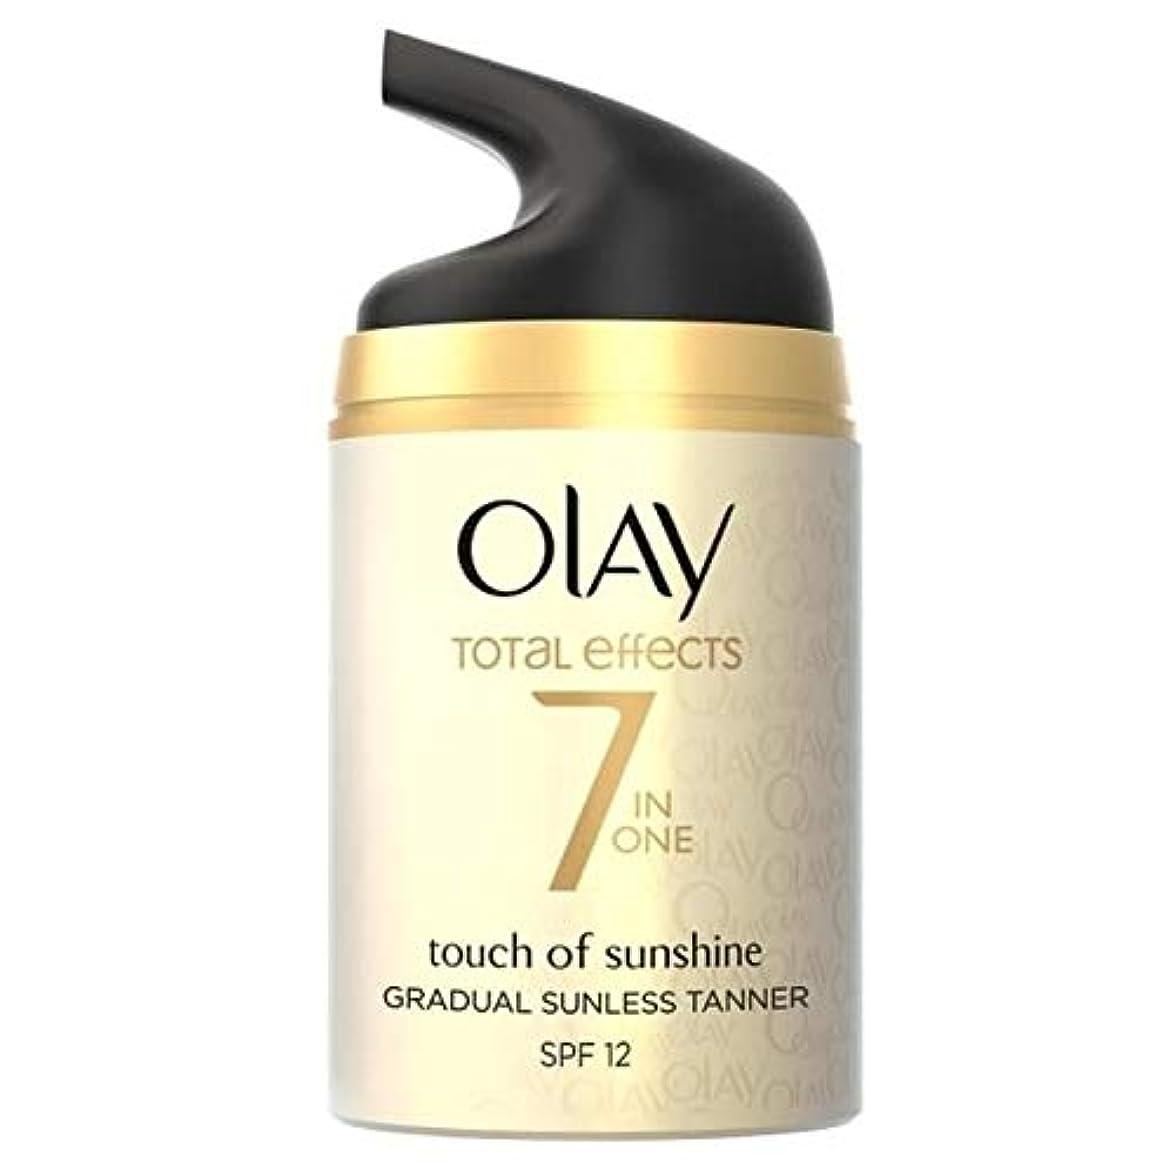 グリット傾斜領域[Olay ] 日照保湿50ミリリットルの総効果の7In1のタッチ - Total Effects 7in1 Touch of Sunshine Moisturiser 50ml [並行輸入品]